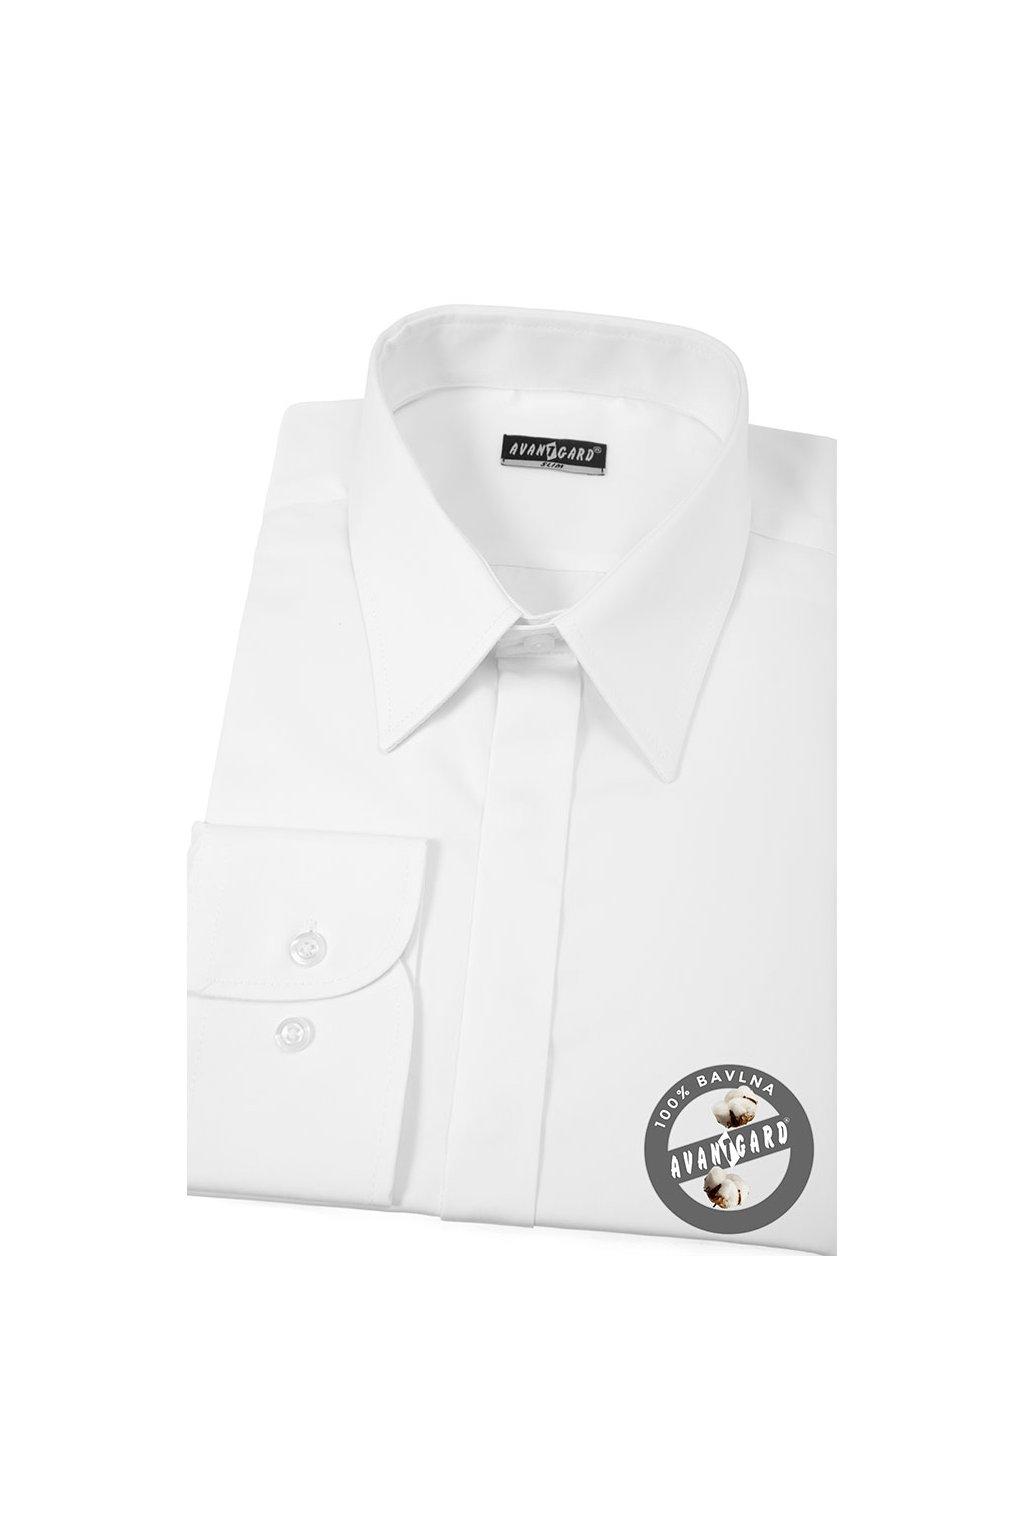 Pánská košile SLIM s krytou légou bílá hladká s leskem 162 - 111